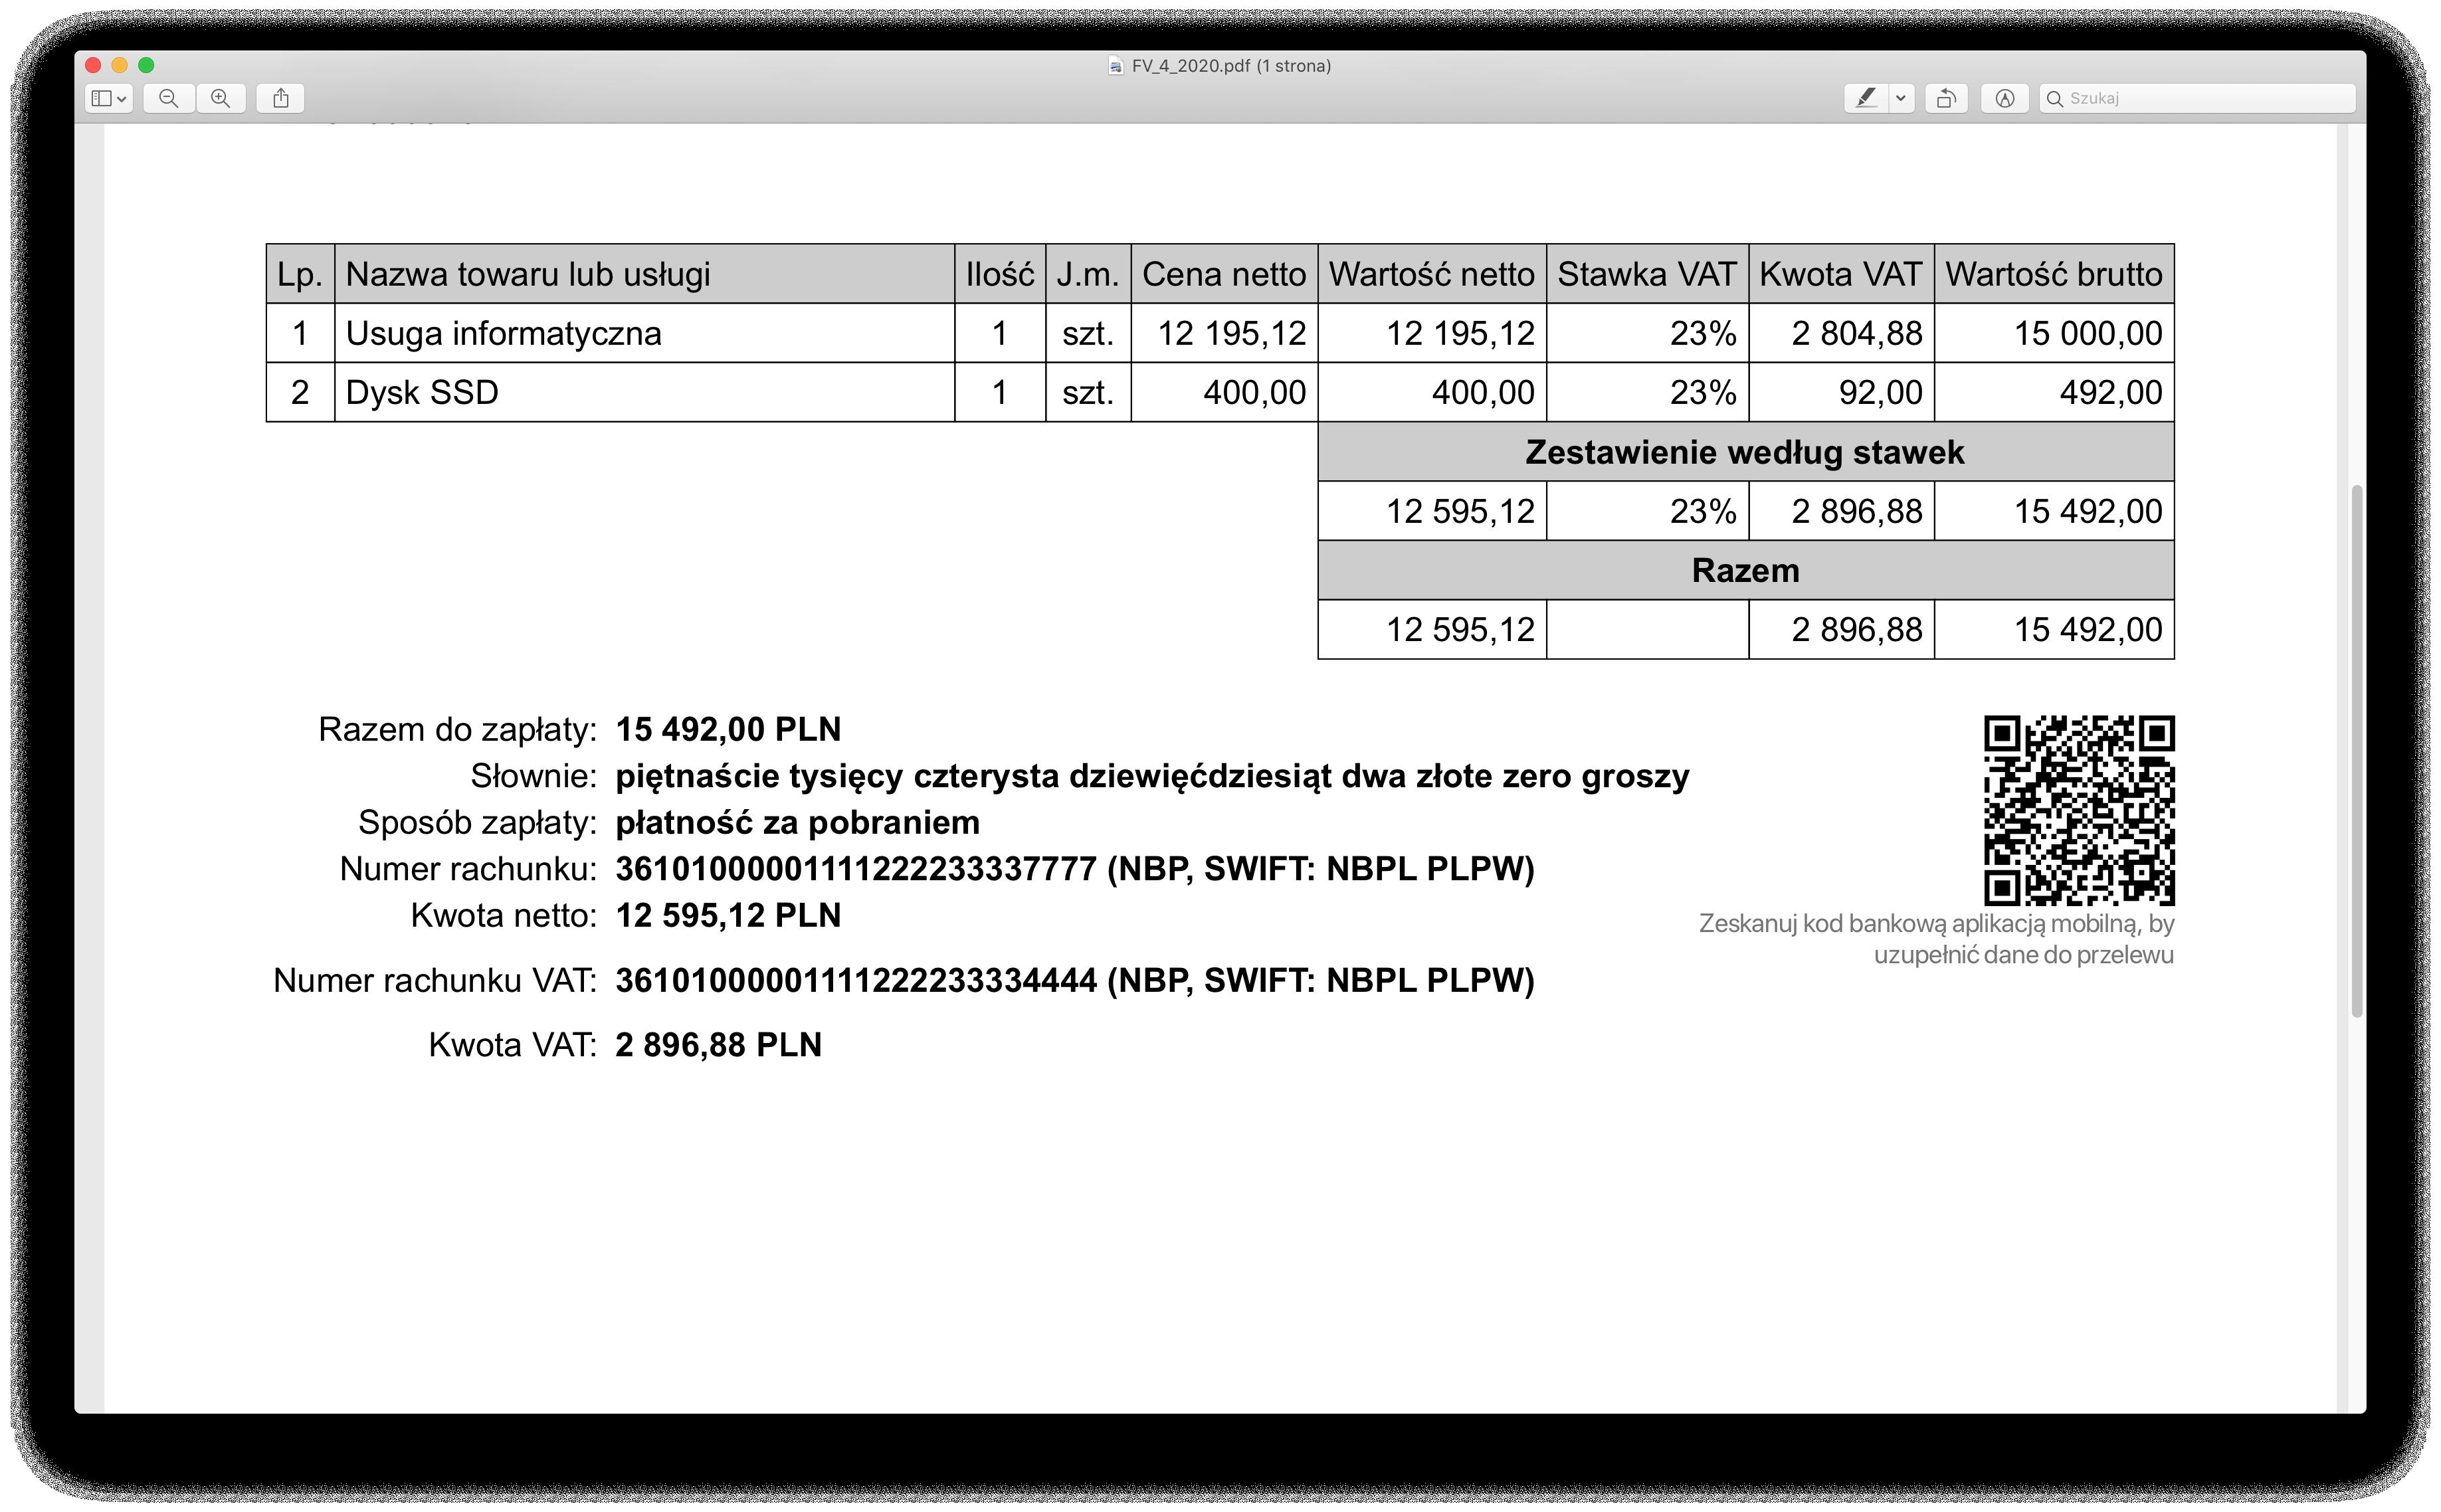 faktura MPP z rachunkiem VAT